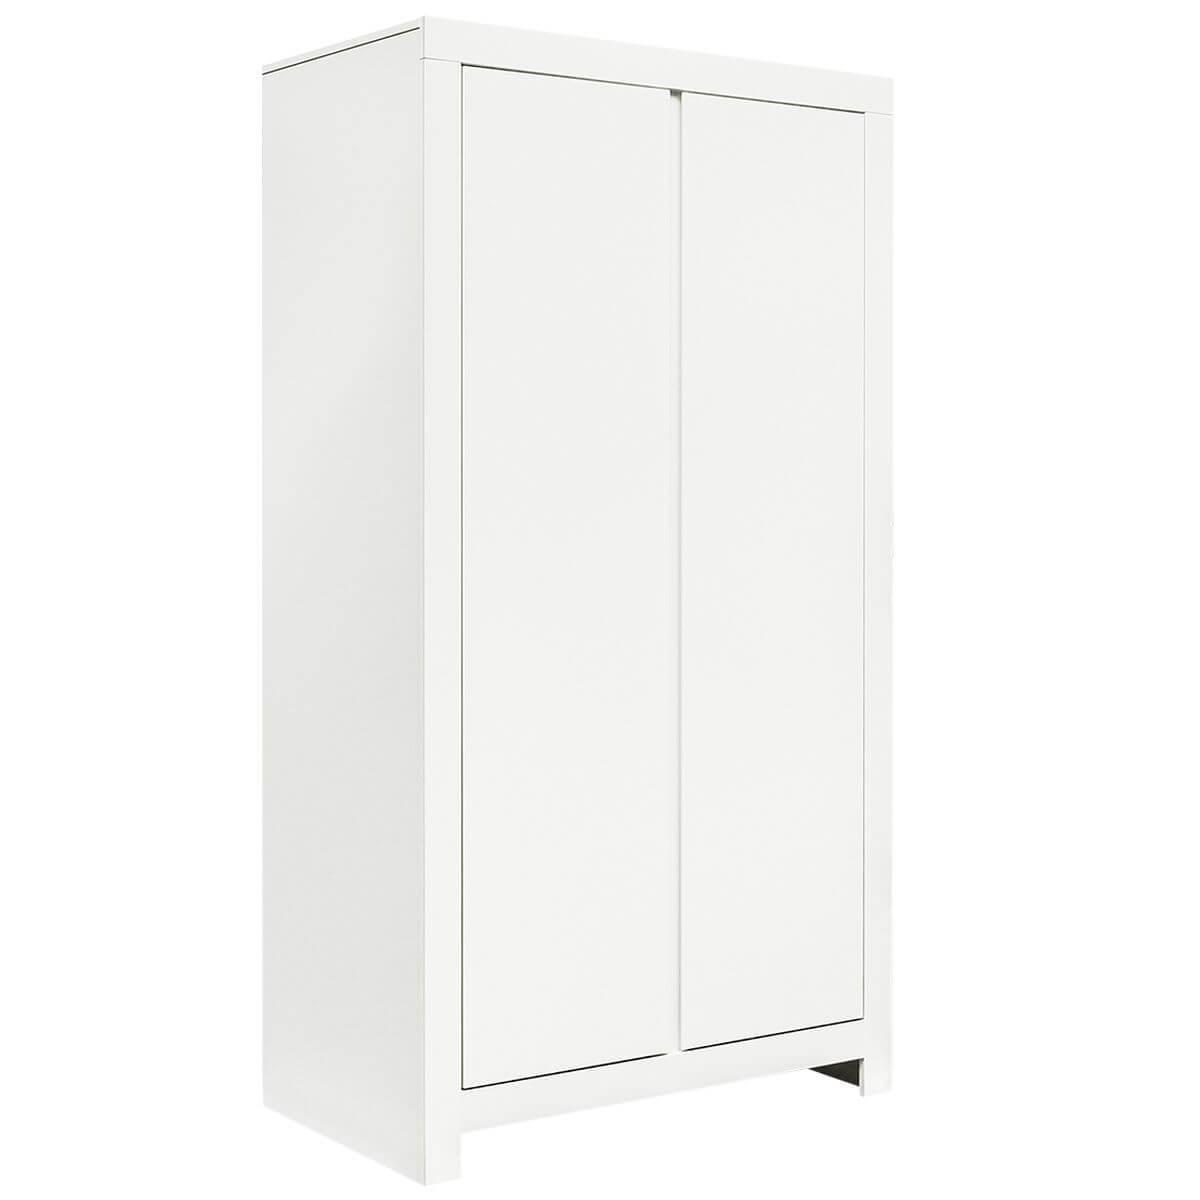 Armario 2 puertas THIJN Bopita blanco